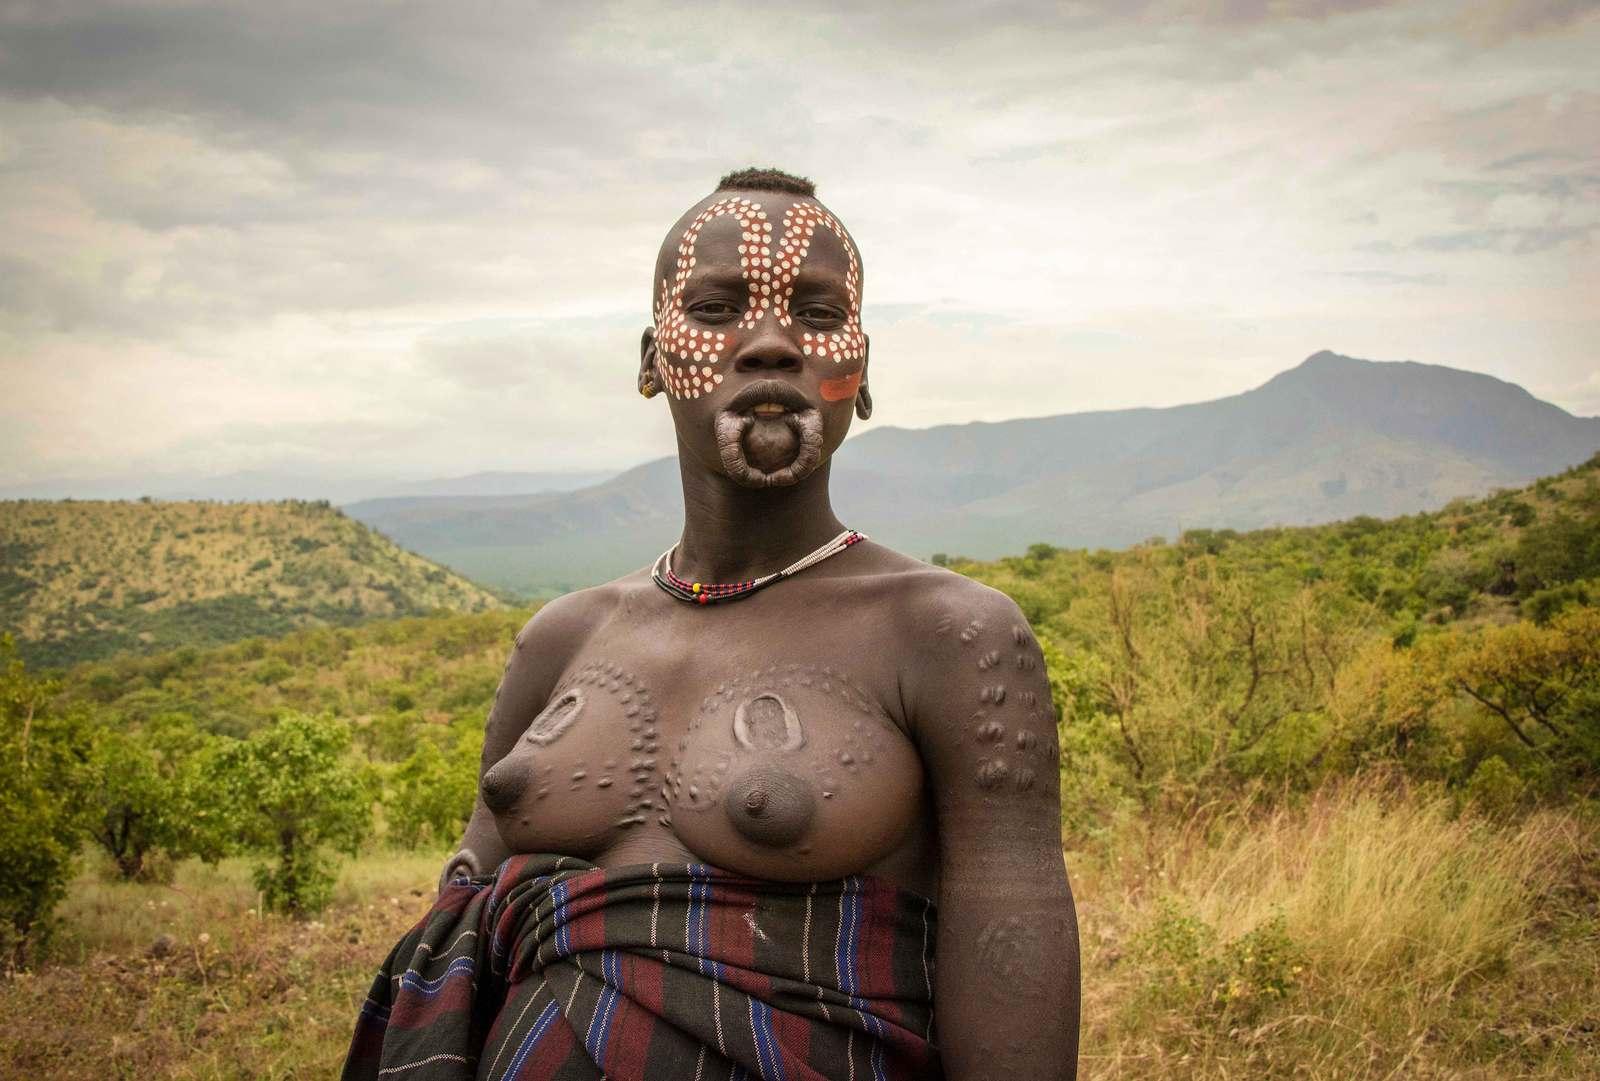 Сексуальные Обычаи Племен Африки Видео